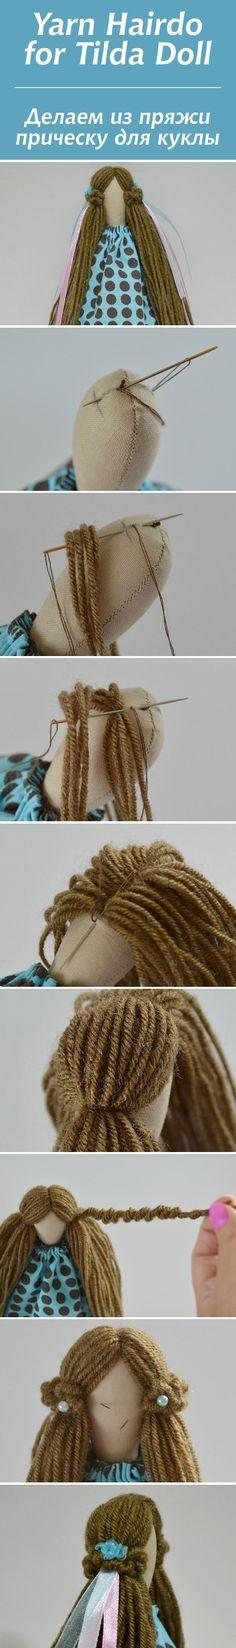 Мастер-класс по созданию прически для куклы с помощью пряжи / Yarn Hairdo for Tilda Doll #tilda